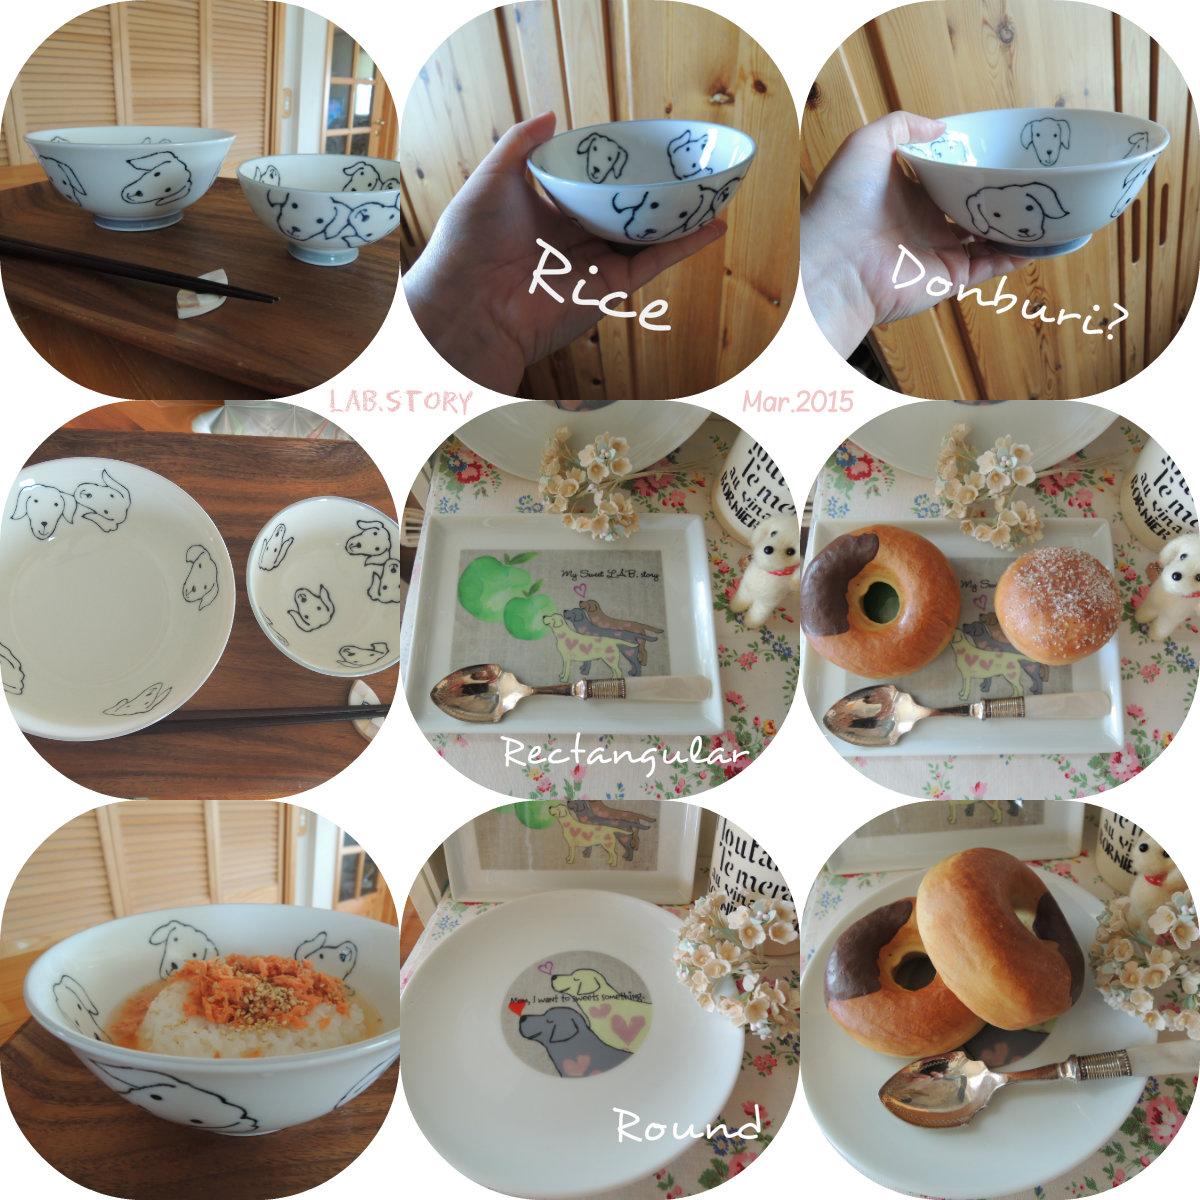 日本製美濃焼の食器と、米国製オリジナルイラスト入りお皿